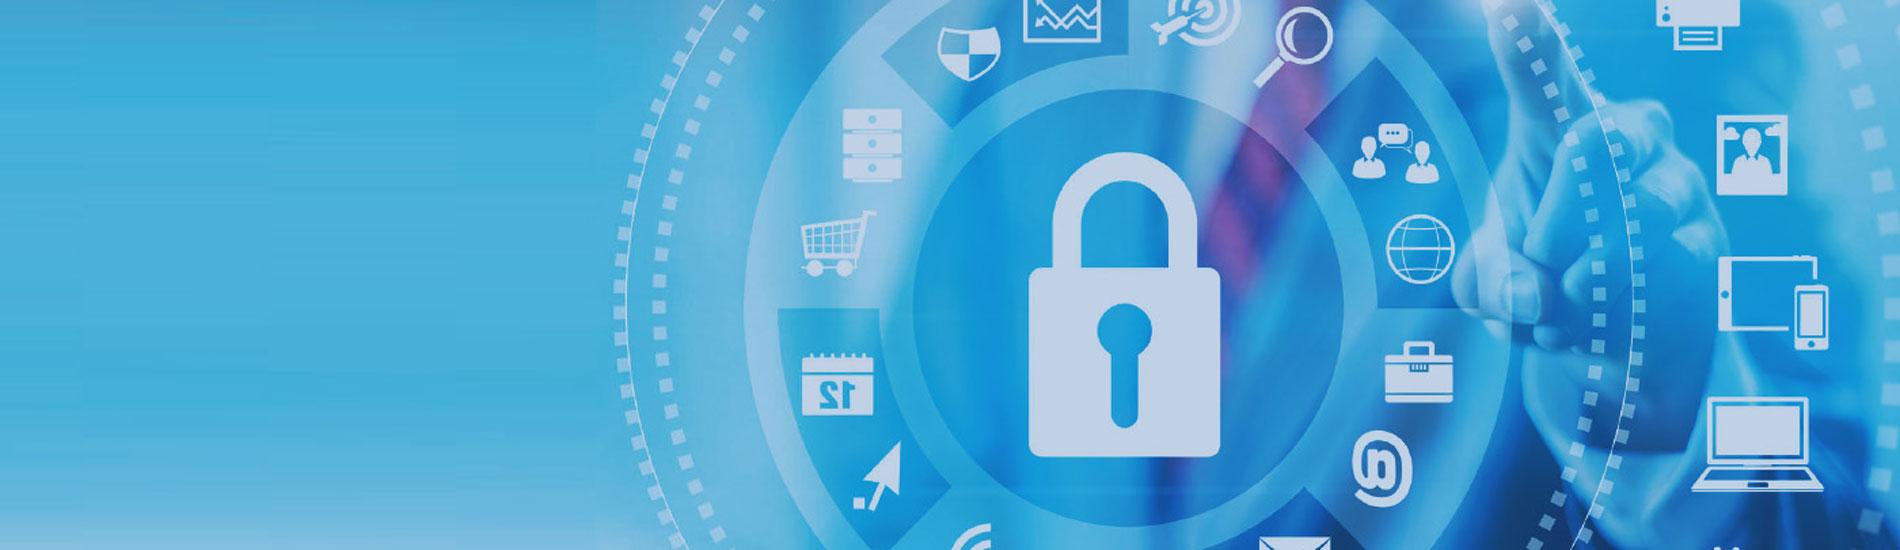 راهکارهای امنیت اطلاعات